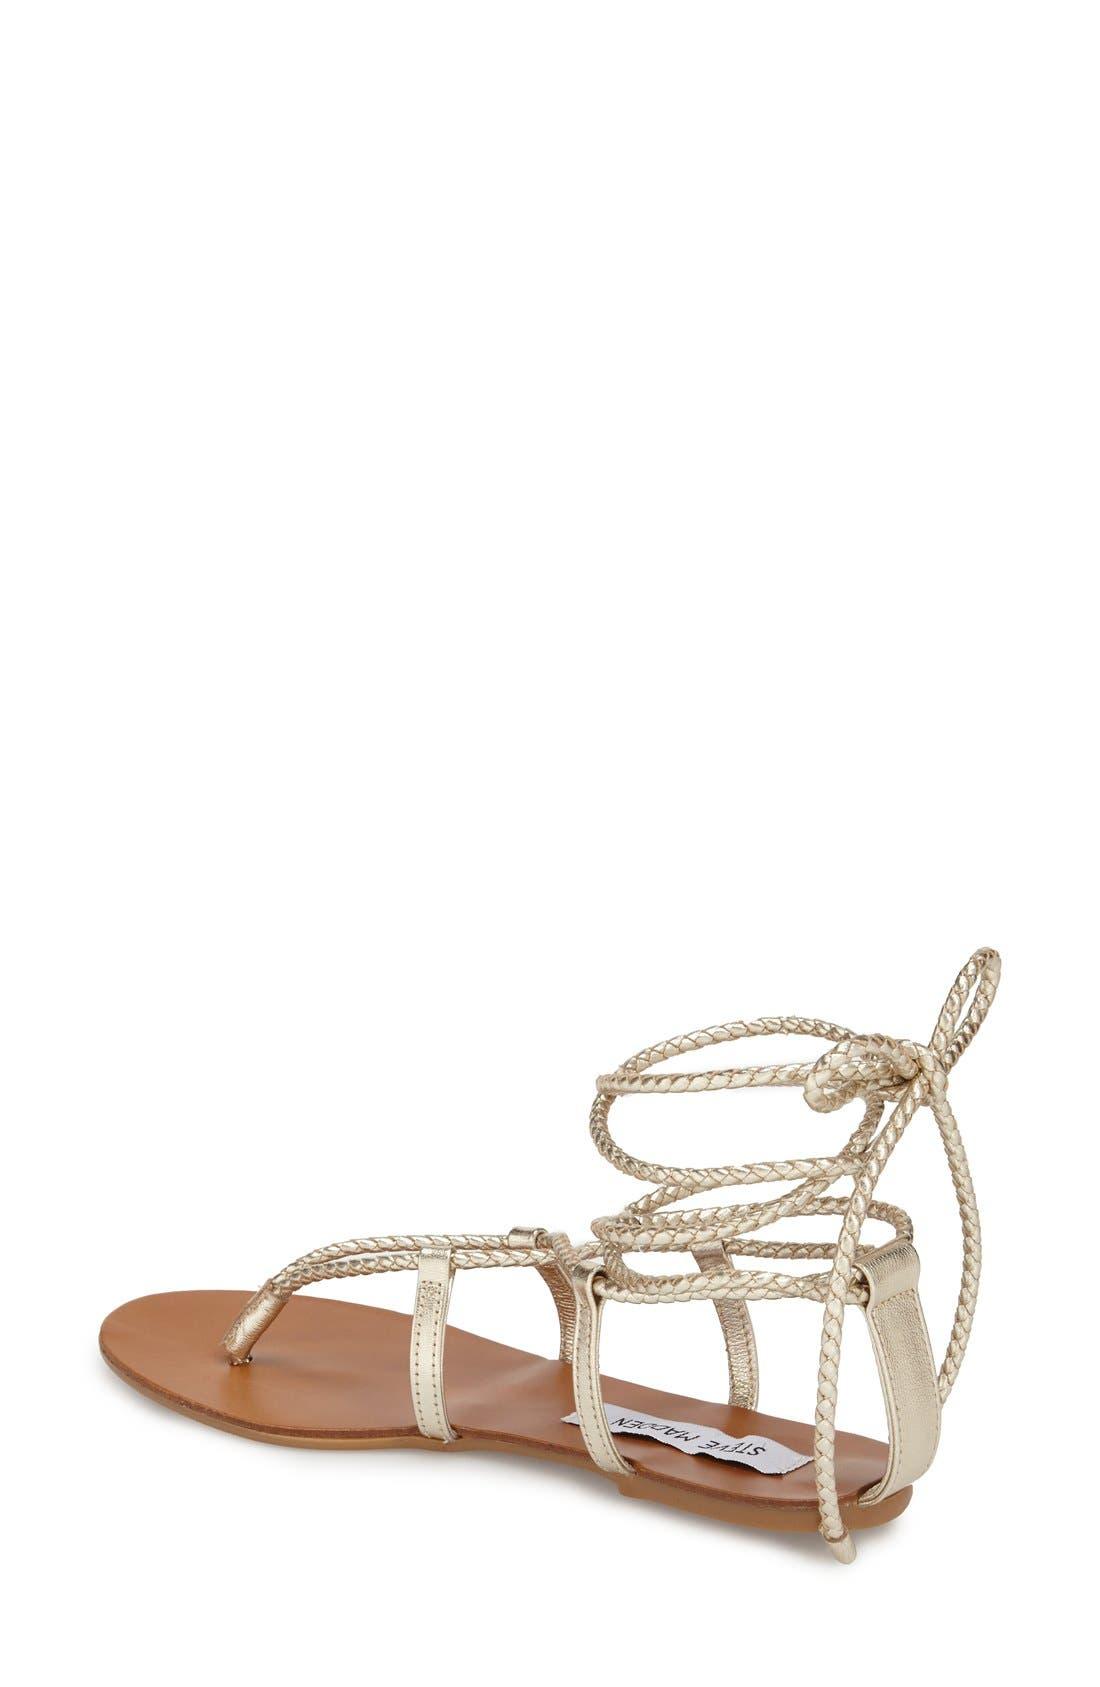 Alternate Image 2  - Steve Madden 'Werkit' Gladiator Sandal (Women)